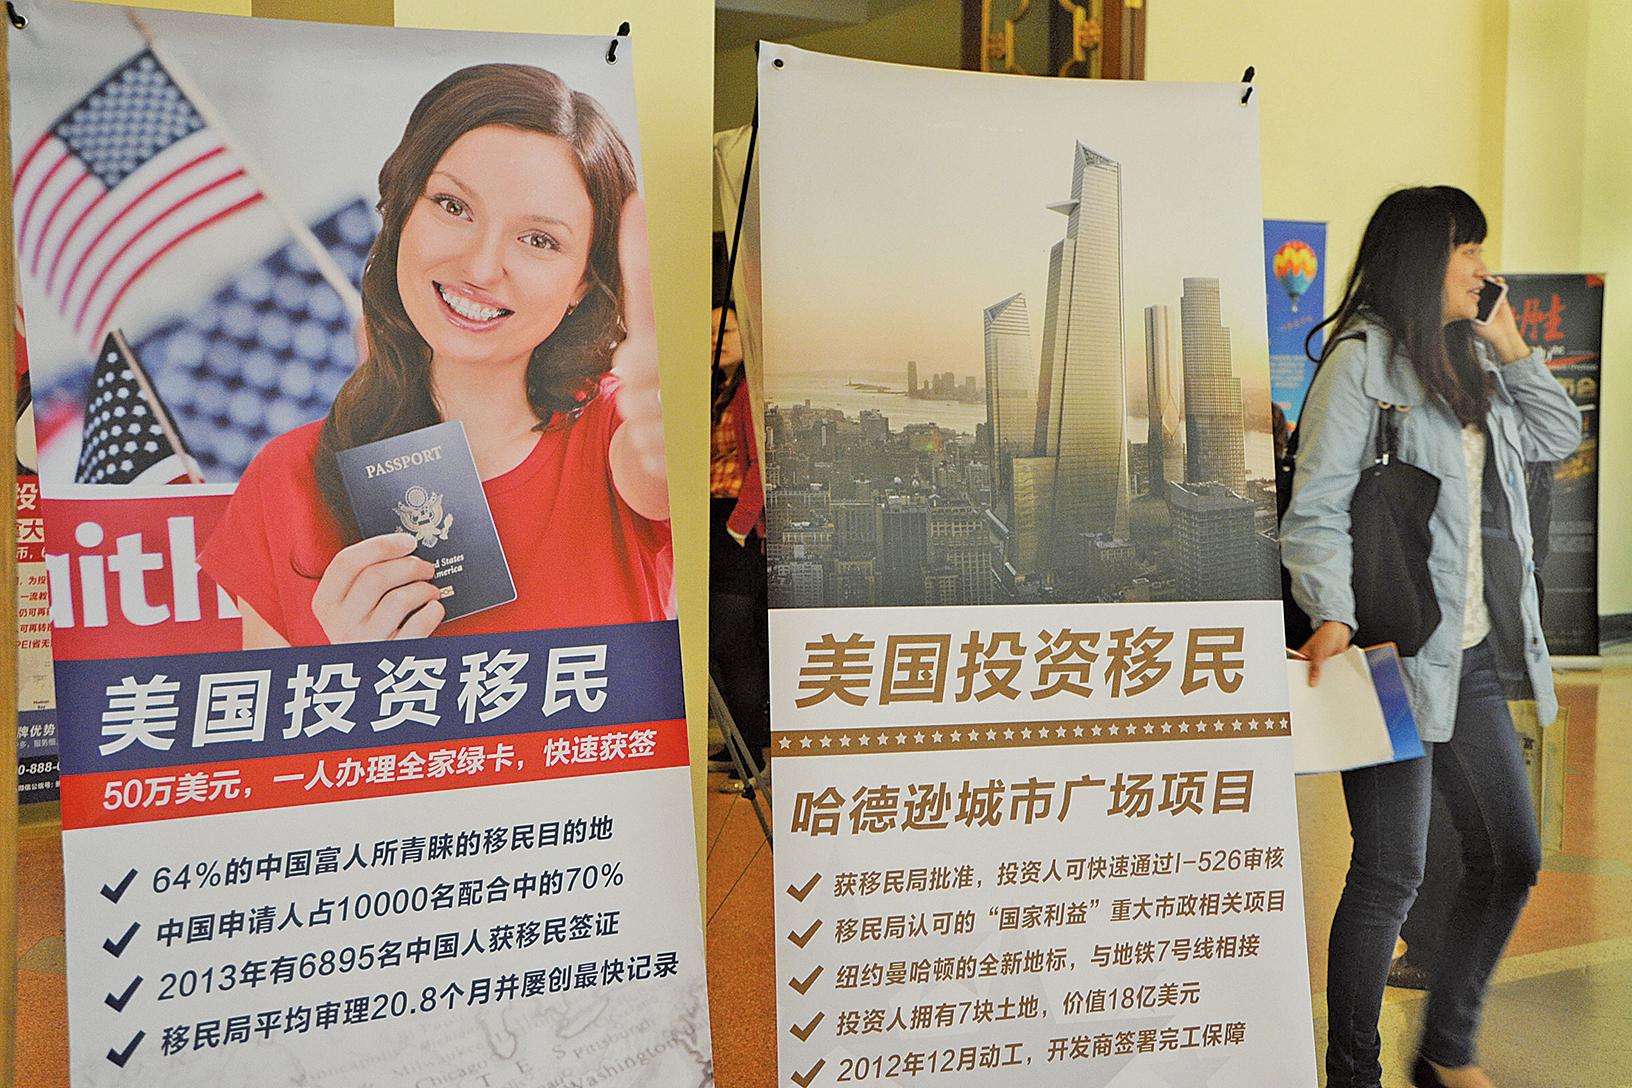 中國中高等家庭移民海外 十年投資逾兩百億美元